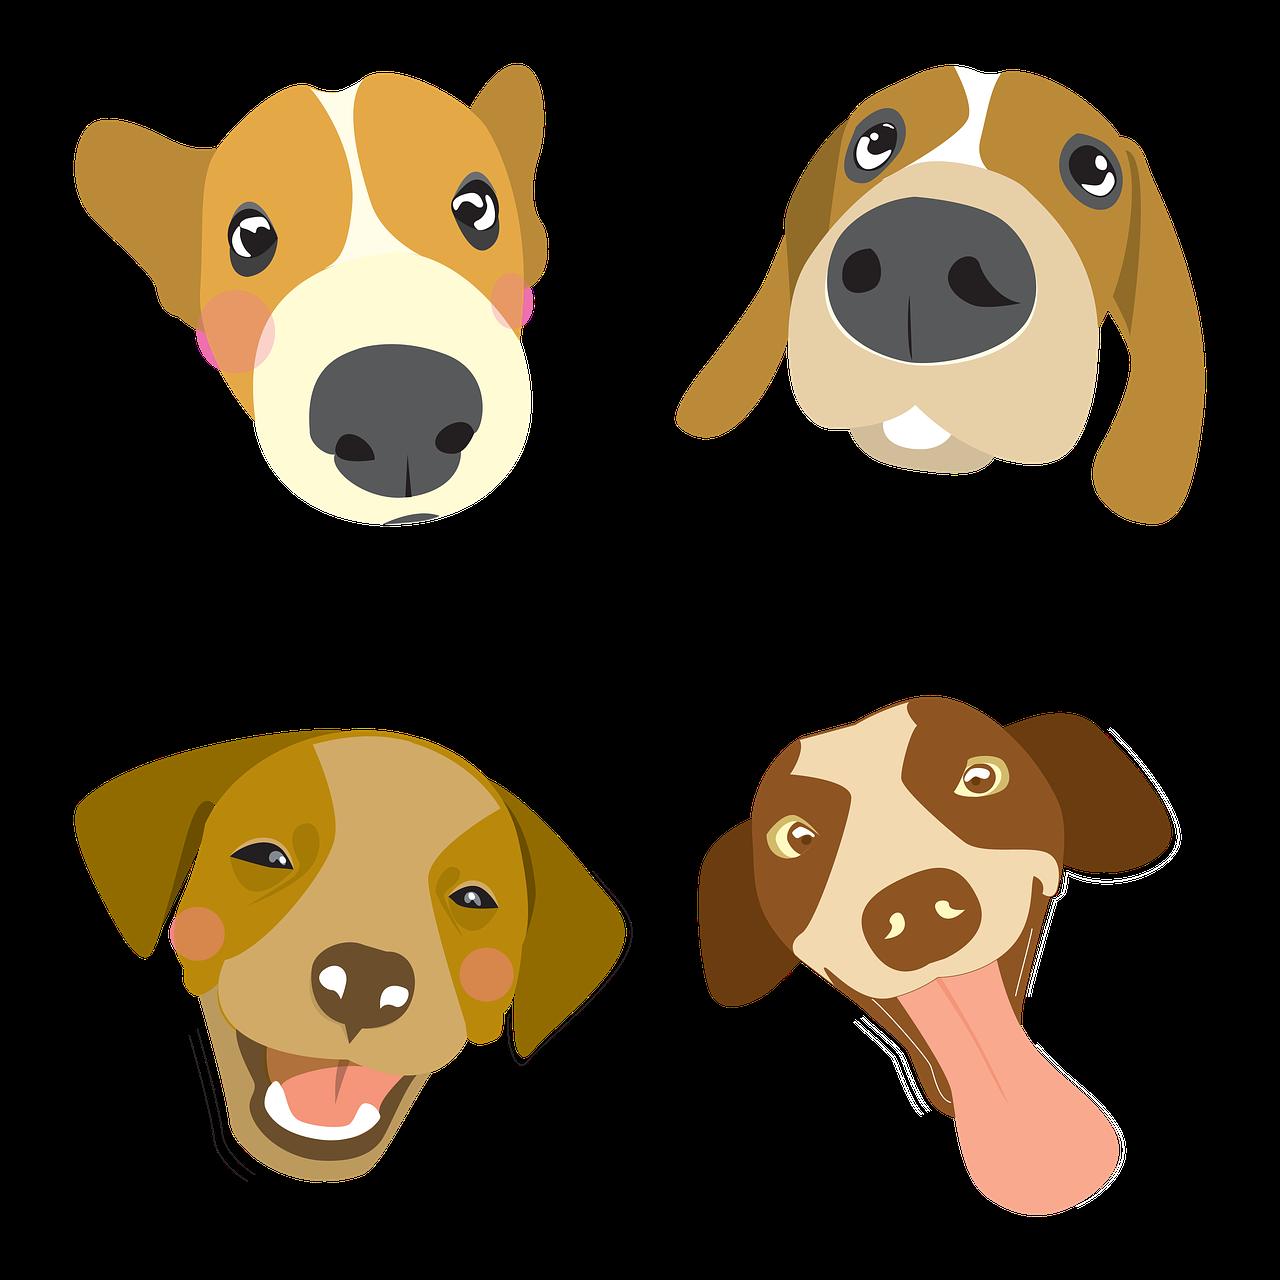 Dog Illustration Pet Big Head Free Image On Pixabay